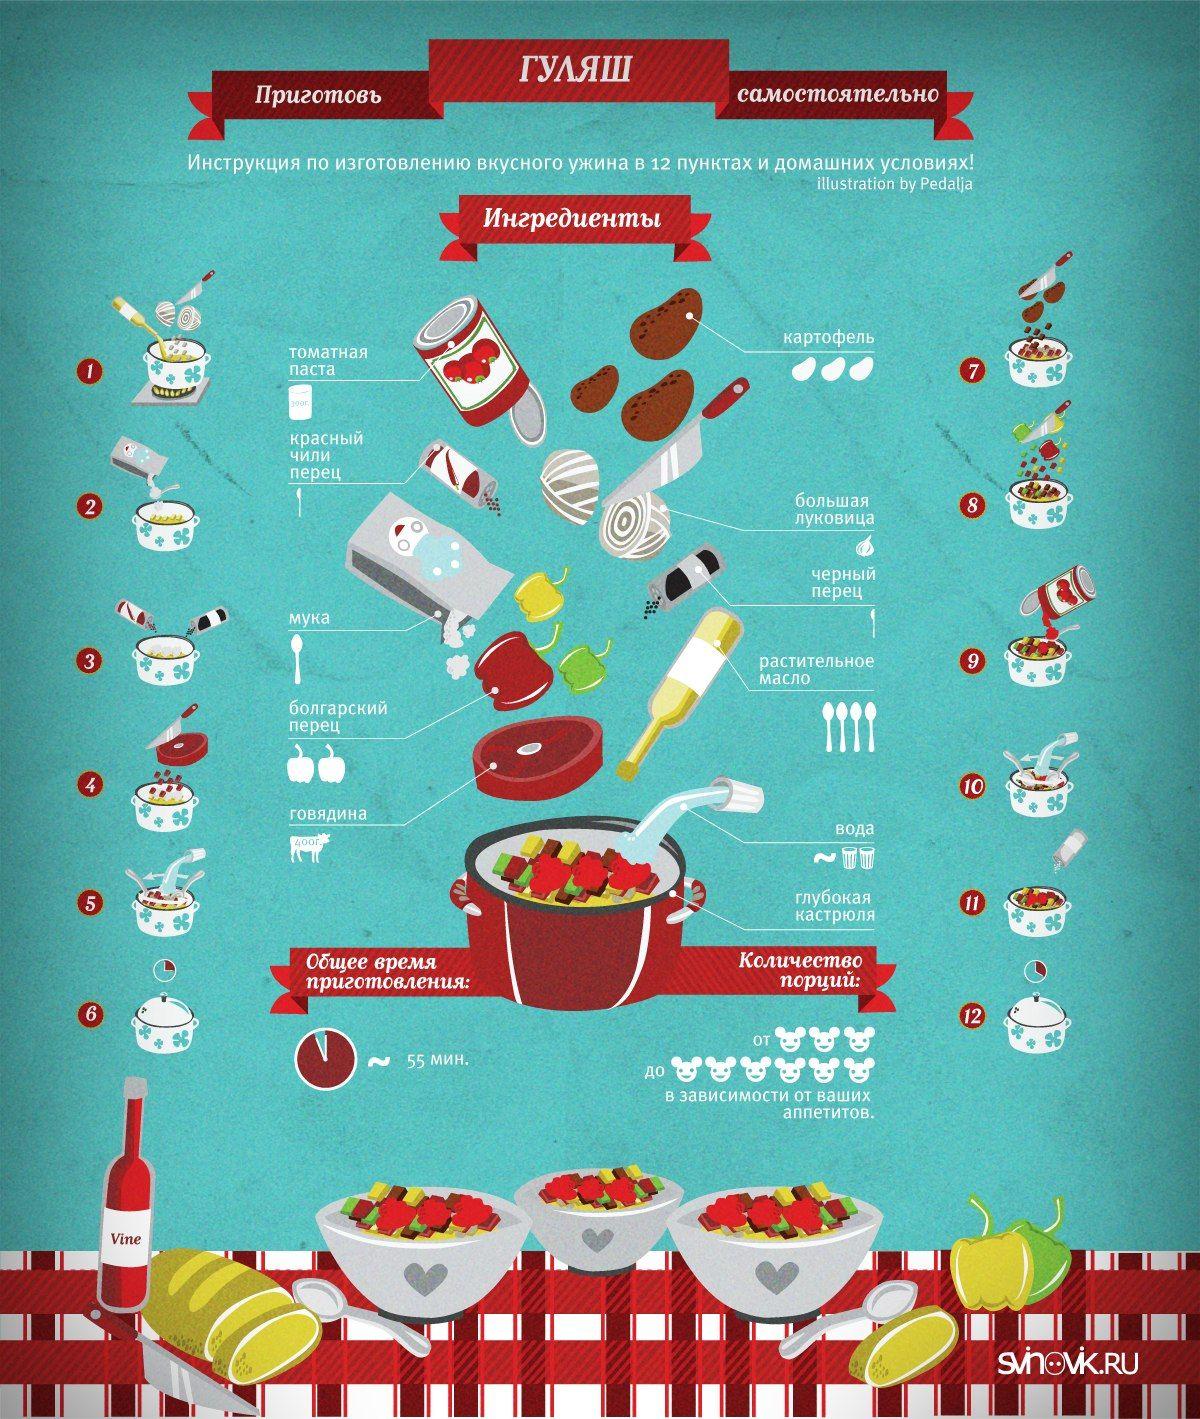 Инфографика: Приготовь гуляш самостоятельно